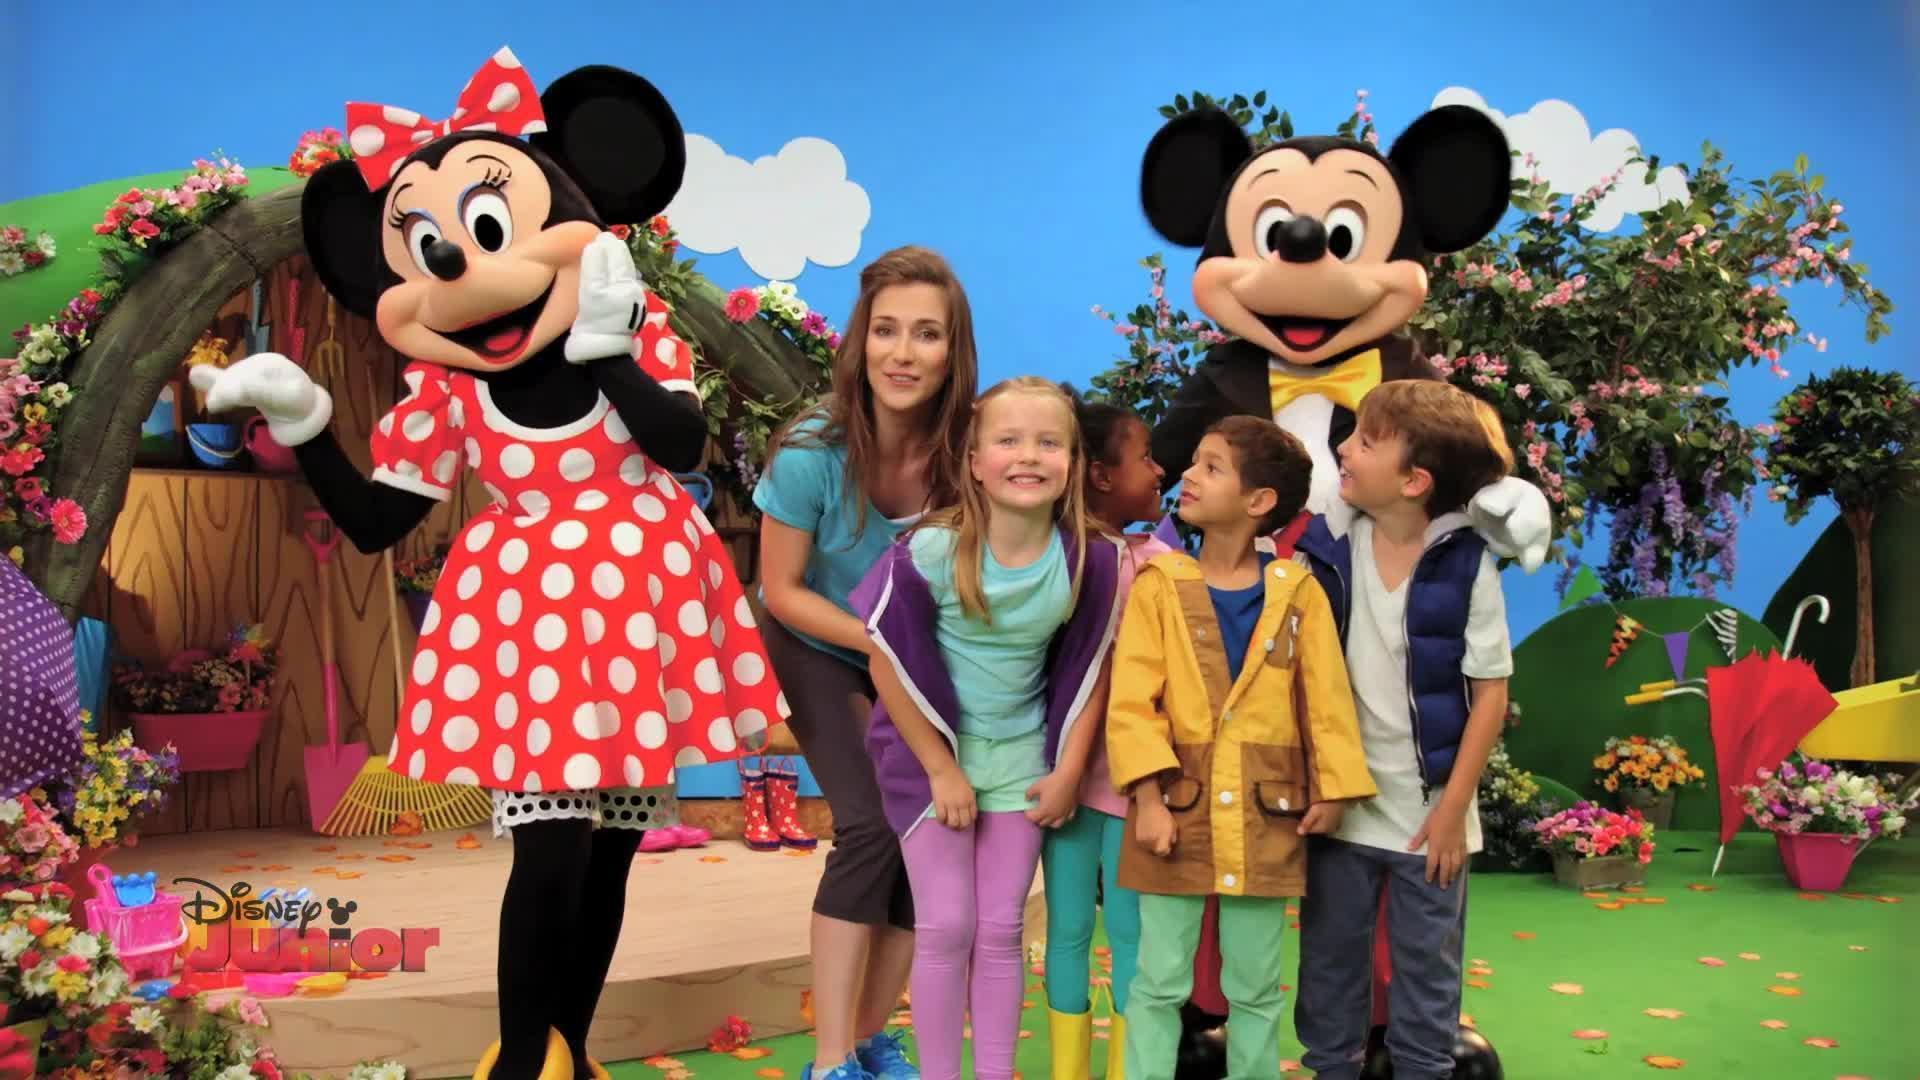 Ruszaj się z Mikim i przyjaciółmi - pogoda